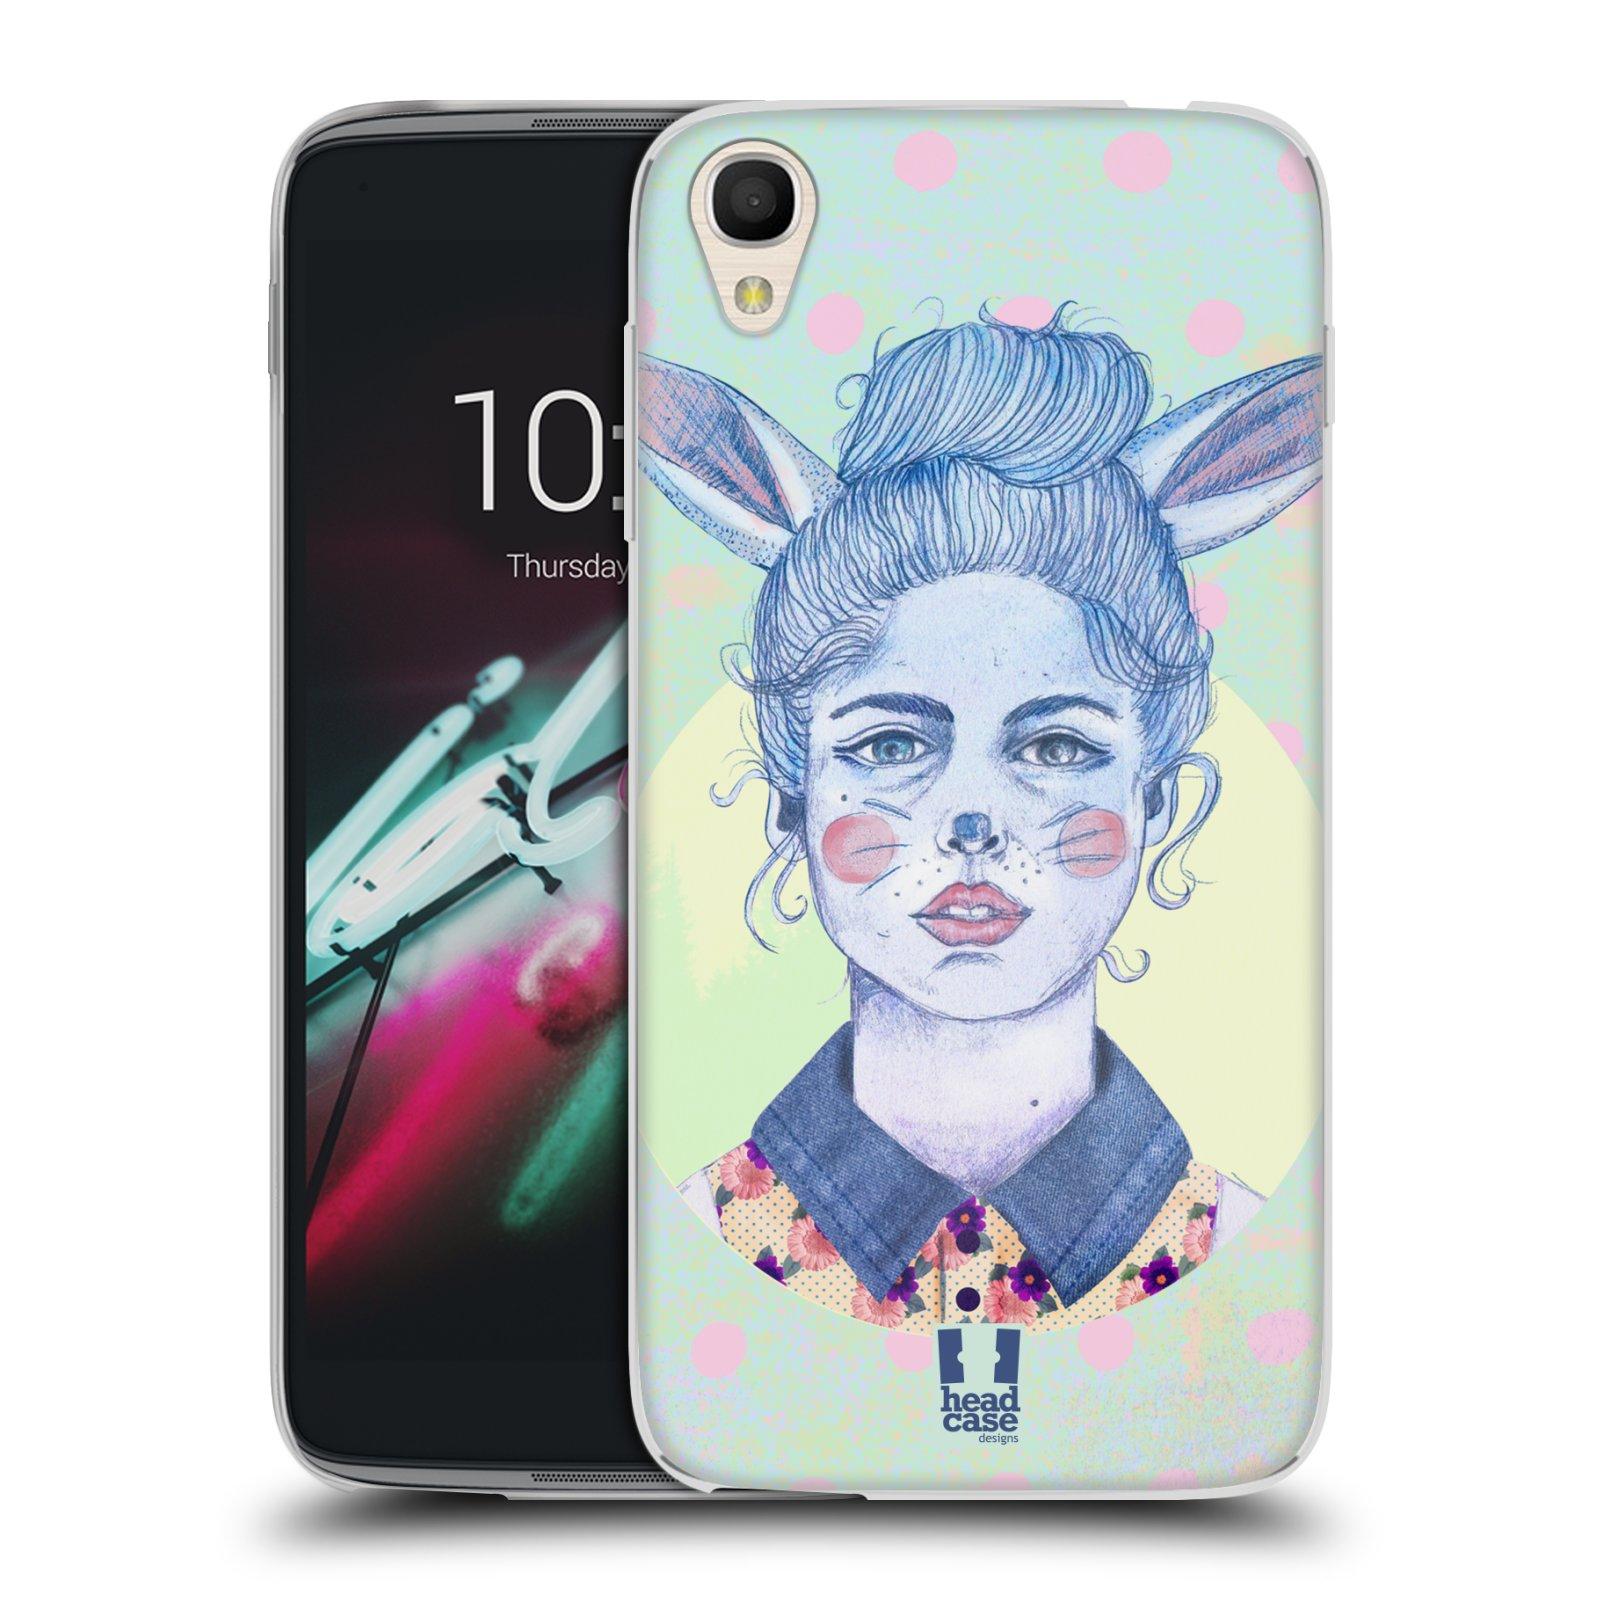 HEAD CASE silikonový obal na mobil Alcatel Idol 3 OT-6039Y (4.7) vzor Děvče zvířecí tématika zajíček zima